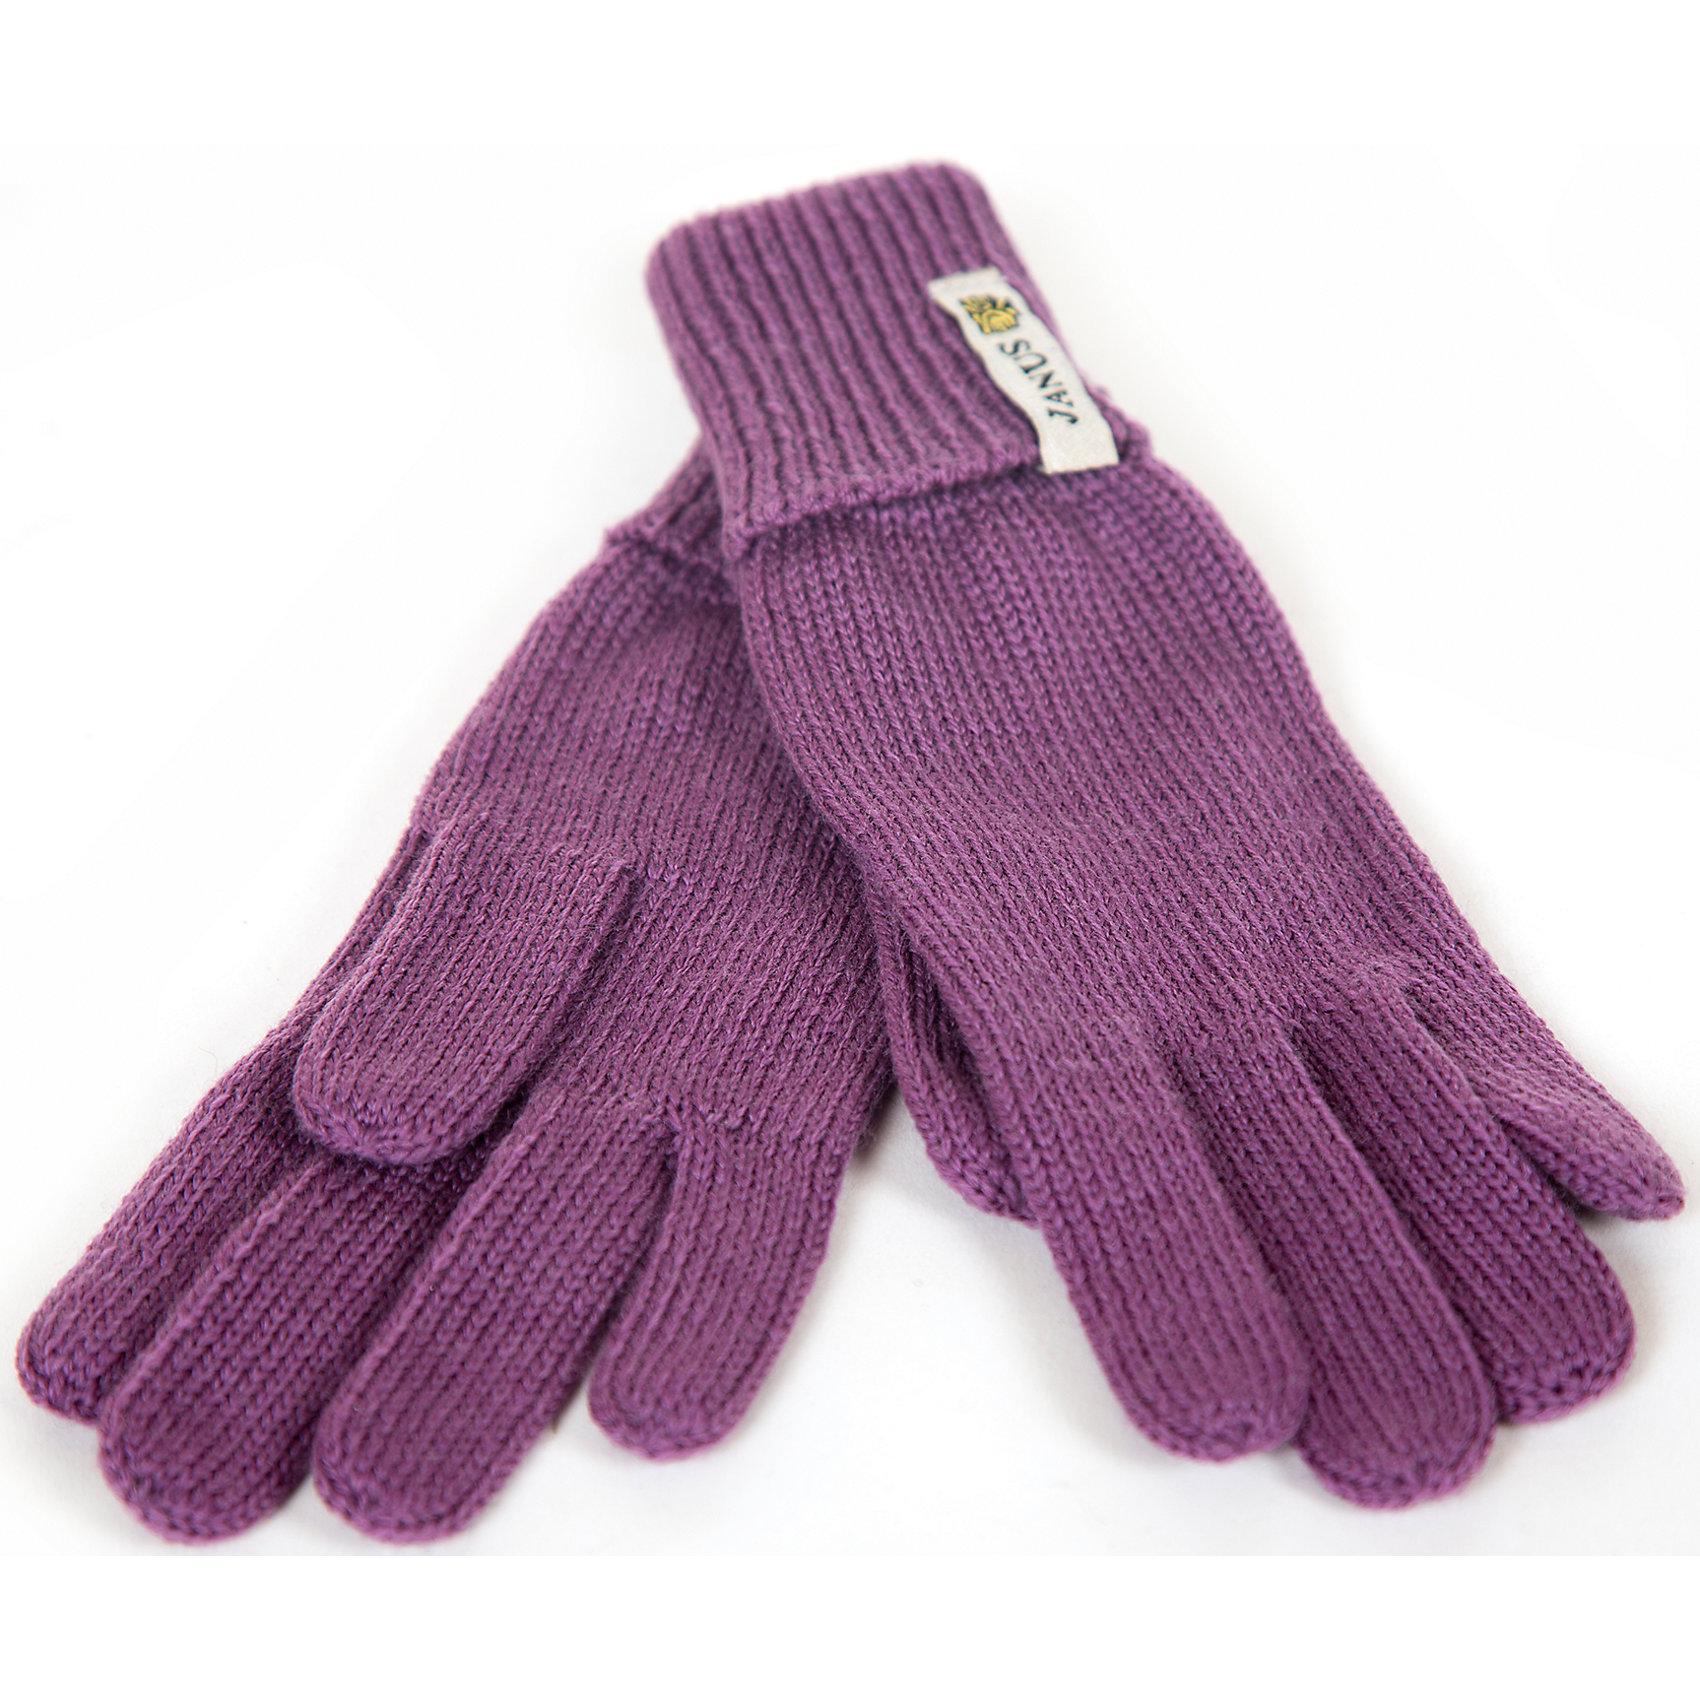 Перчатки JanusПерчатки известной марки Janus.<br><br>Изготовленные из тонкорунной шерсти мериноса, обладающей уникальными свойствами,  они отлично сохранят тепло рук вашего малыша. Мягкая гипоаллергенная шерсть позитивно влияет на кровообращение ребенка, поэтому перчатки не только согревают, но и оказывают лечебно-профилактический эффект. <br><br>Шерсть мериноса даже во влажном состоянии подарит нежной детской коже сухое тепло. Натуральный гигроскопичный материал позволяет коже «дышать», оберегая ручки ребенка не только от холода, но и от перегрева.<br><br>Шерстяные перчатки Janus красивы, удобны и полезны для детского здоровья.<br><br>Состав: 100% шерсть<br><br>Ширина мм: 162<br>Глубина мм: 171<br>Высота мм: 55<br>Вес г: 119<br>Цвет: розовый<br>Возраст от месяцев: 96<br>Возраст до месяцев: 120<br>Пол: Женский<br>Возраст: Детский<br>Размер: 4,3<br>SKU: 4913717